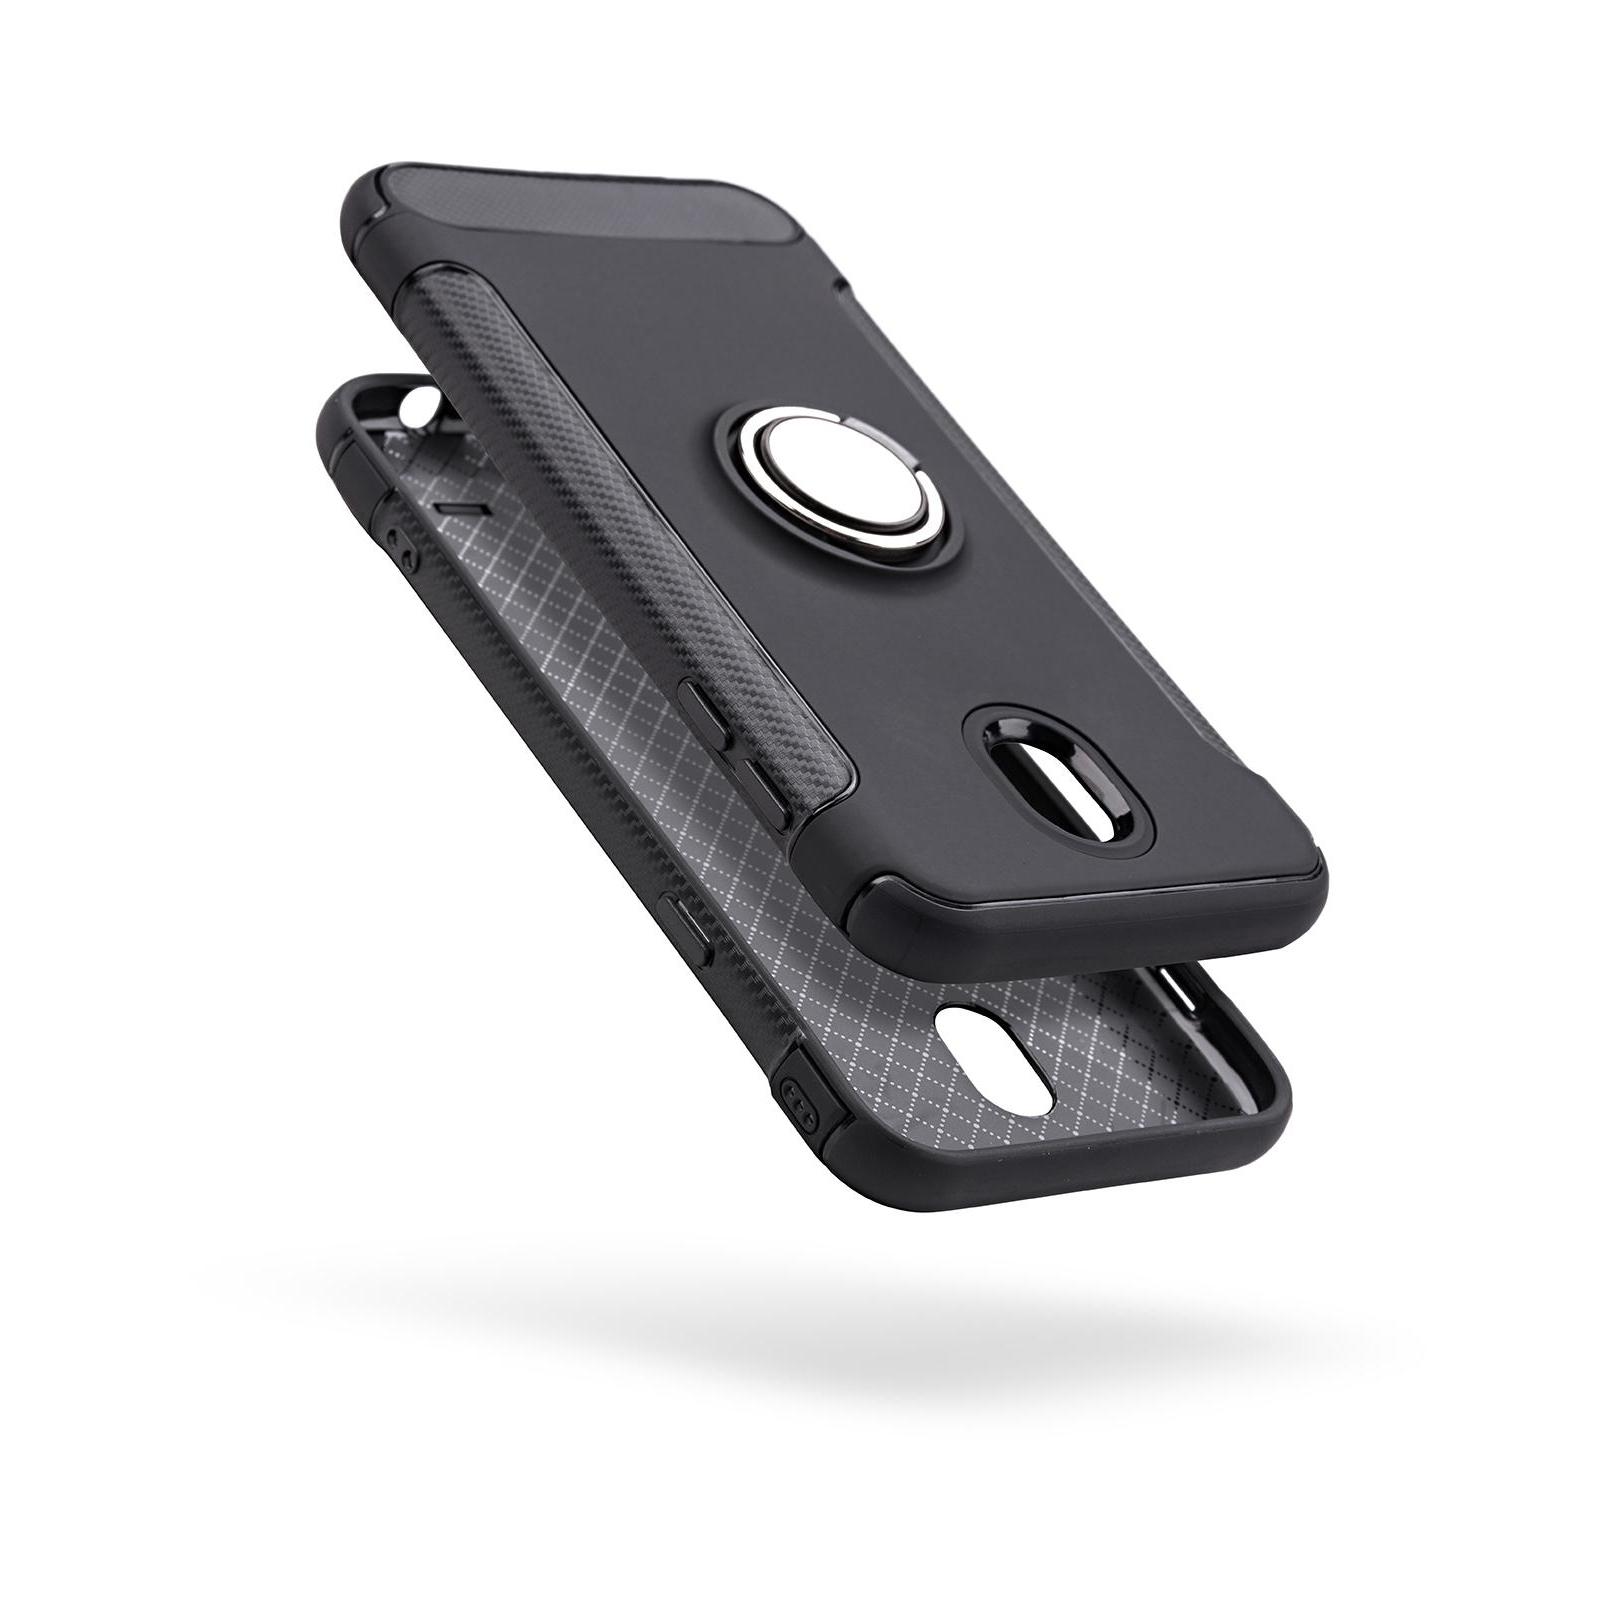 Чехол для моб. телефона Laudtec для Samsung J7 2017/J730 Ring stand (black) (LR-J730-BC) изображение 2